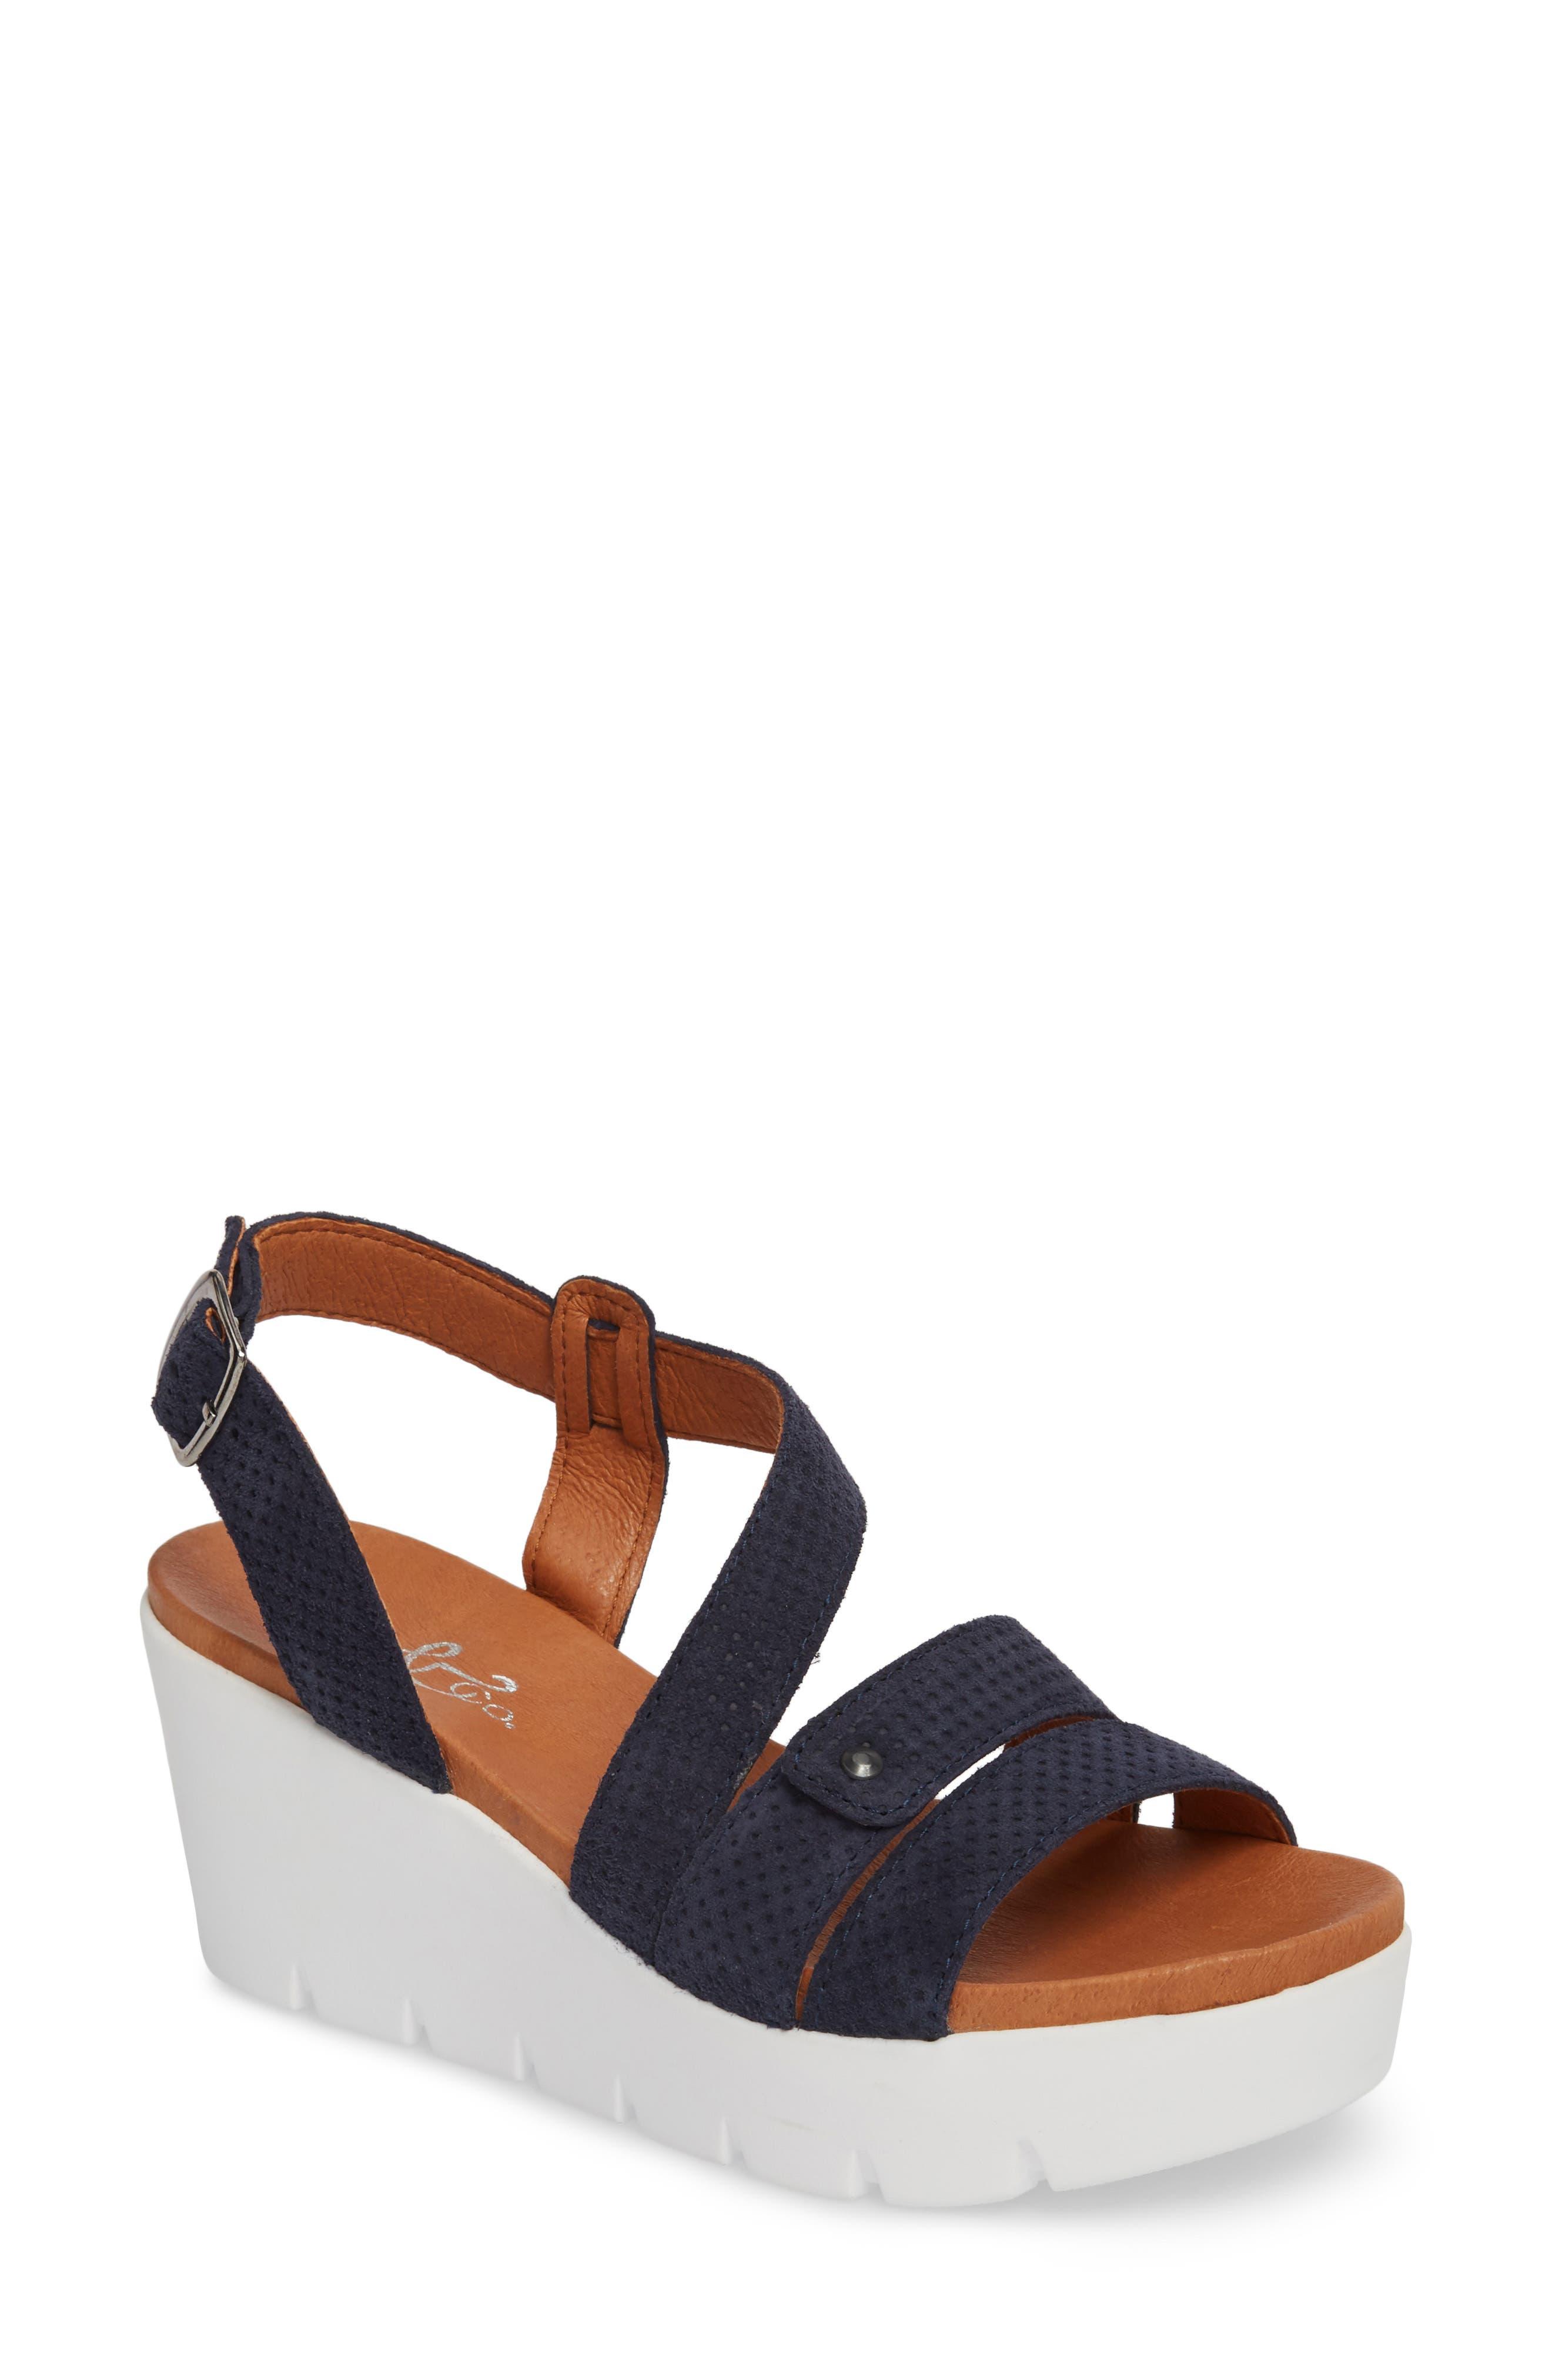 Sierra Platform Wedge Sandal,                         Main,                         color, Blue Leather